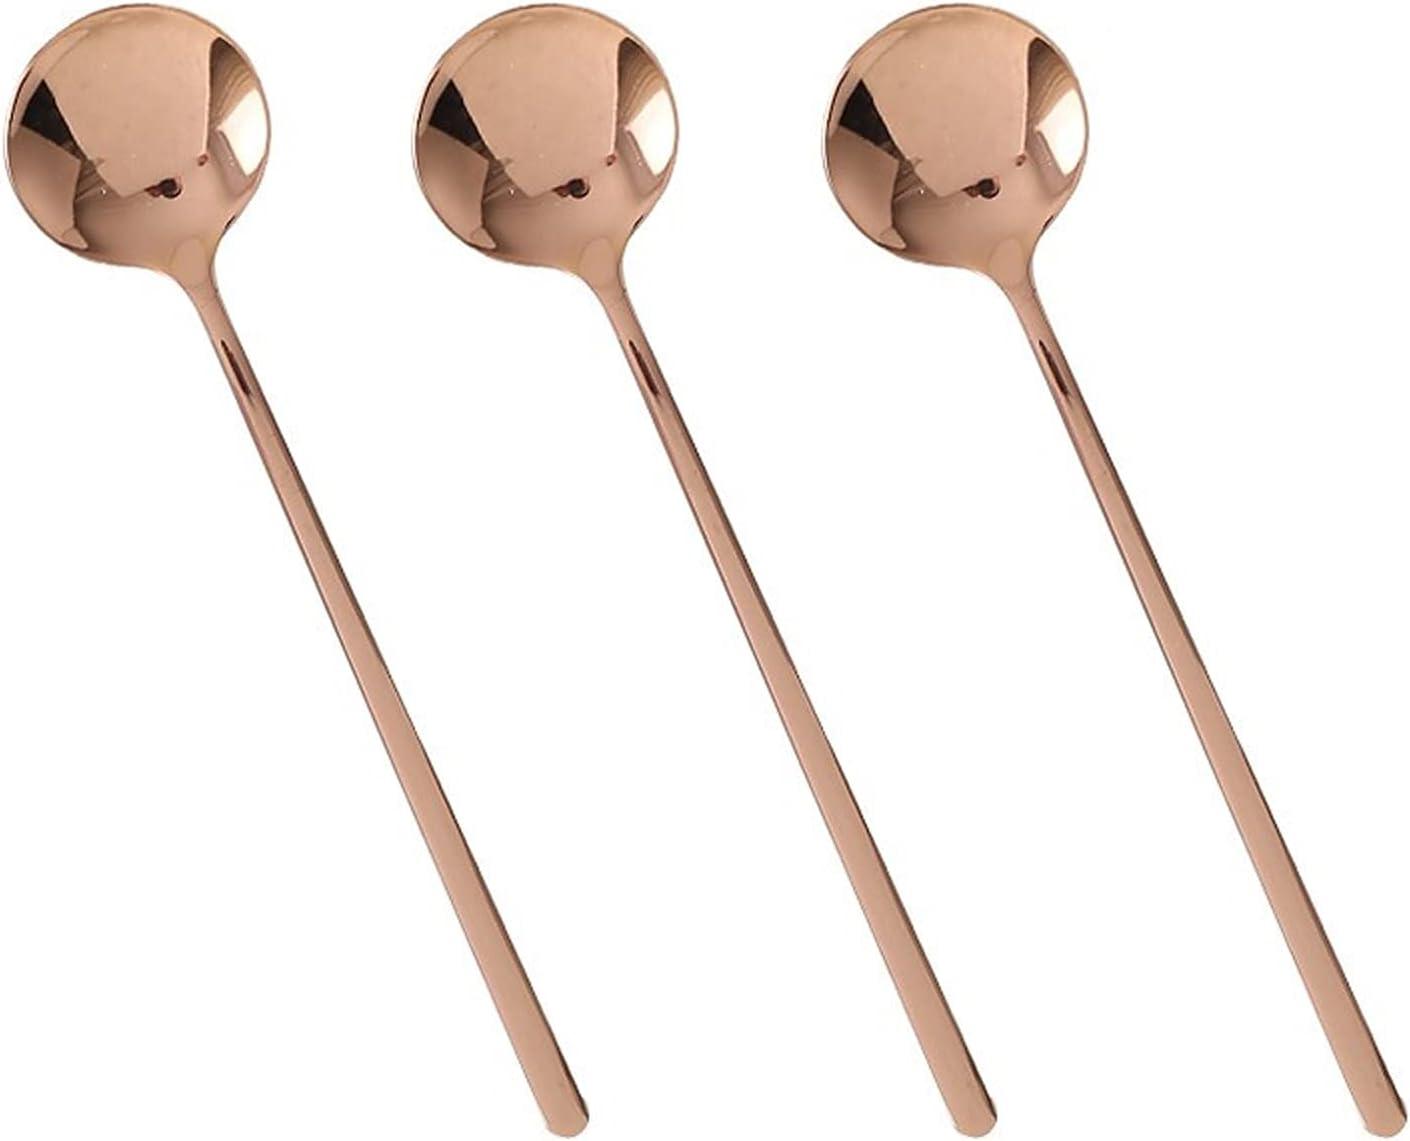 Cooking spoon Under blast sales Stainless Ranking TOP11 Steel Coffee Spoon Creati Spoons Dessert